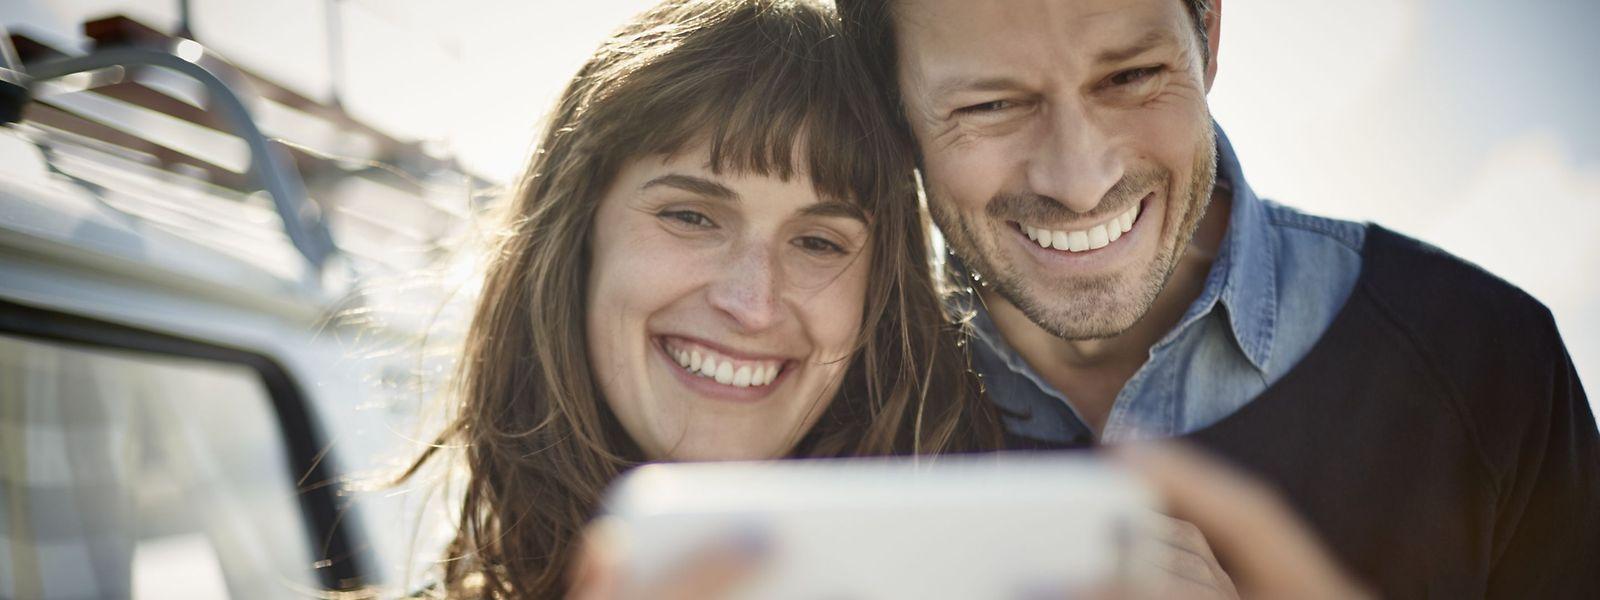 Glücklich zu zweit: Um sich diesen Traum zu erfüllen, nutzen auch Singles in Luxemburg die Dienste von Partnervermittlungen.